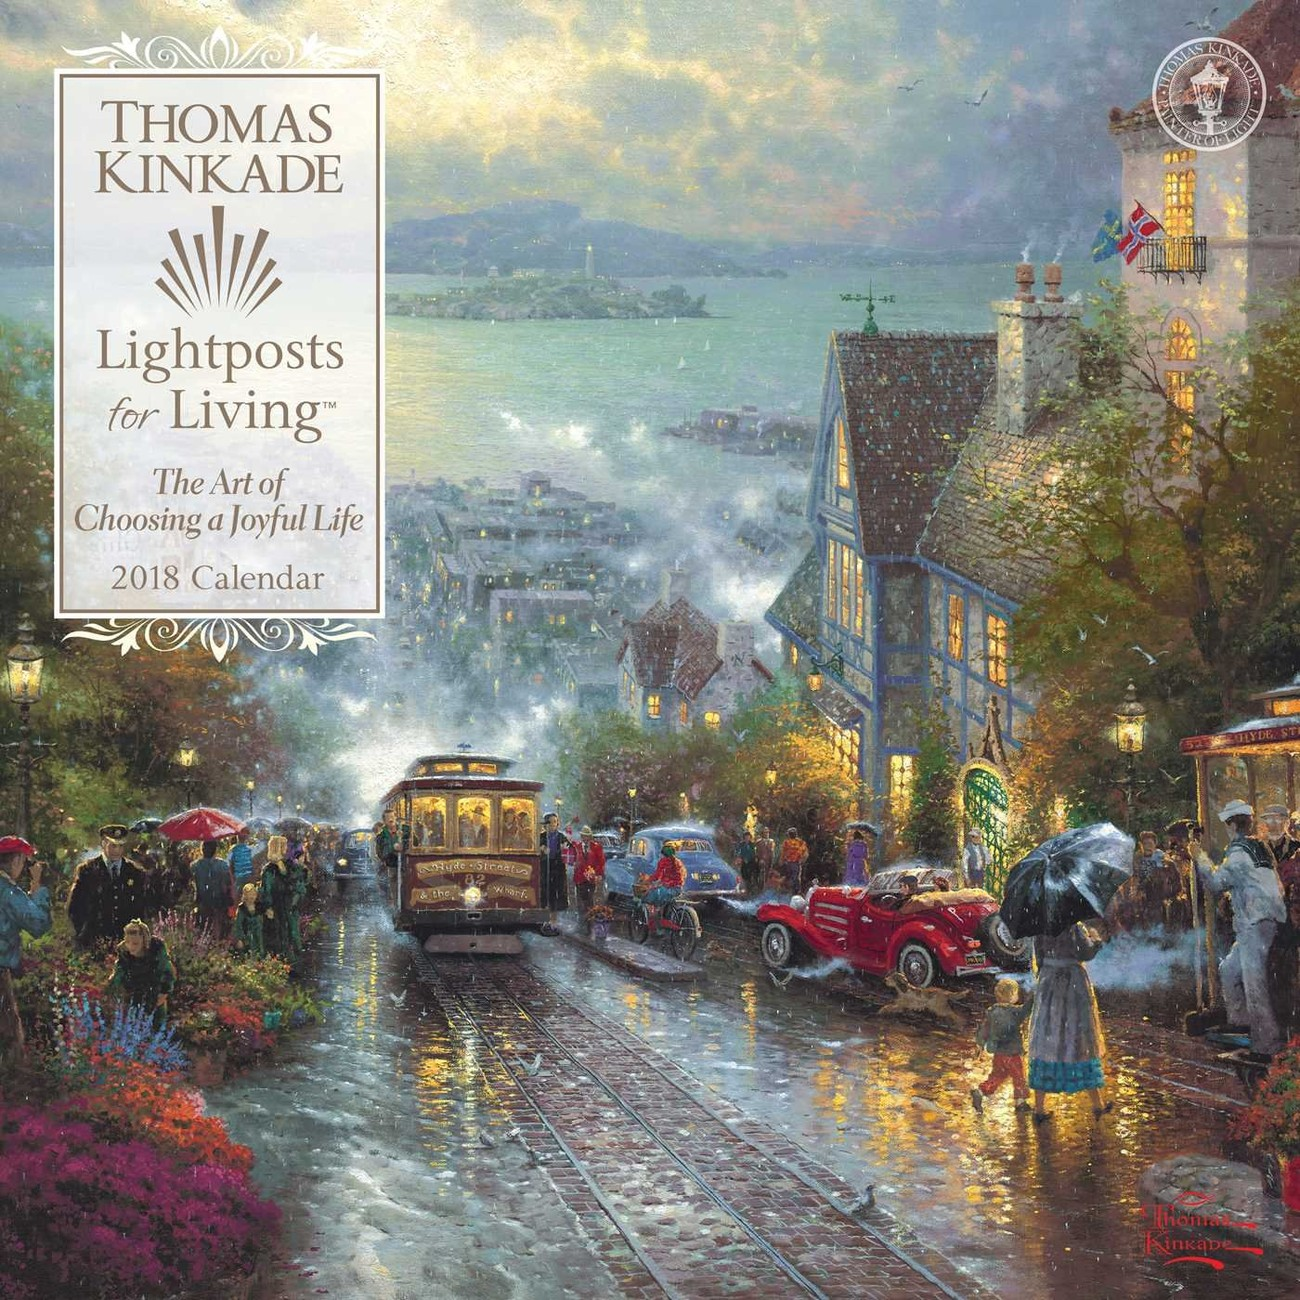 thomas kinkade naptár 2019 Thomas Kinkade   Lightposts for Living   Calendars 2019 on  thomas kinkade naptár 2019